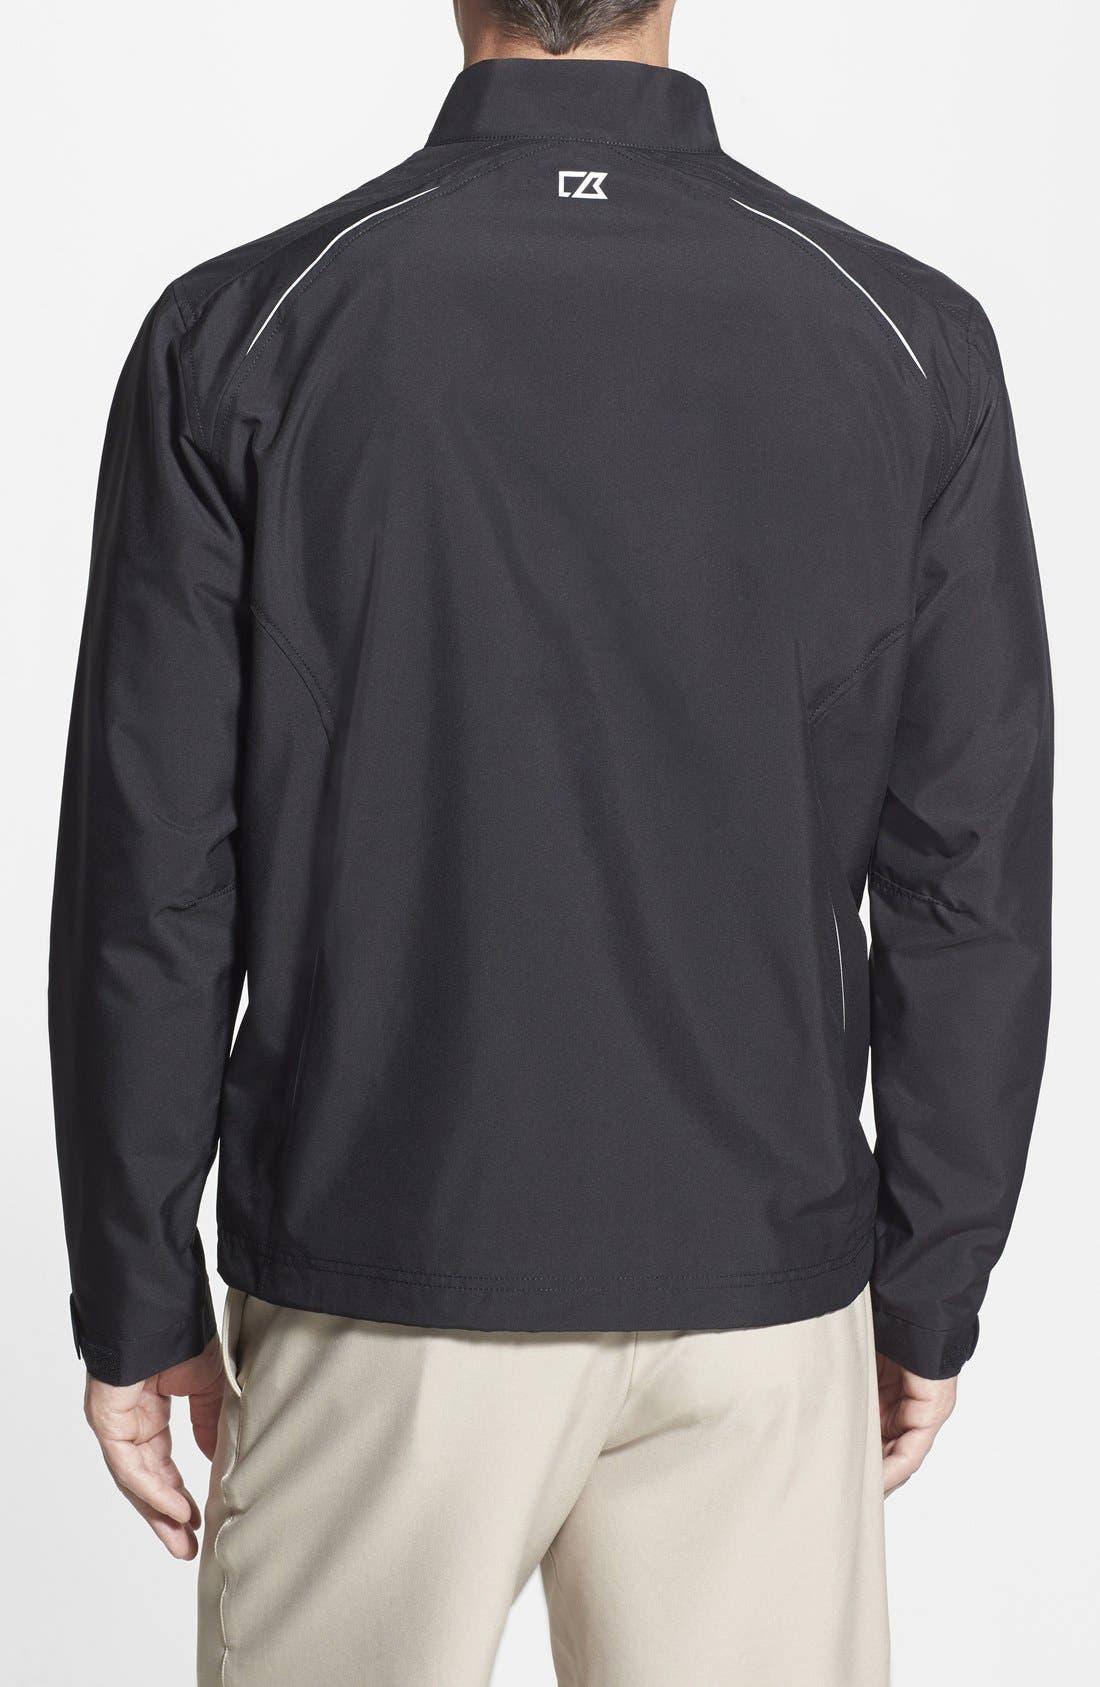 Detroit Lions - Beacon WeatherTec Wind & Water Resistant Jacket,                             Alternate thumbnail 2, color,                             001